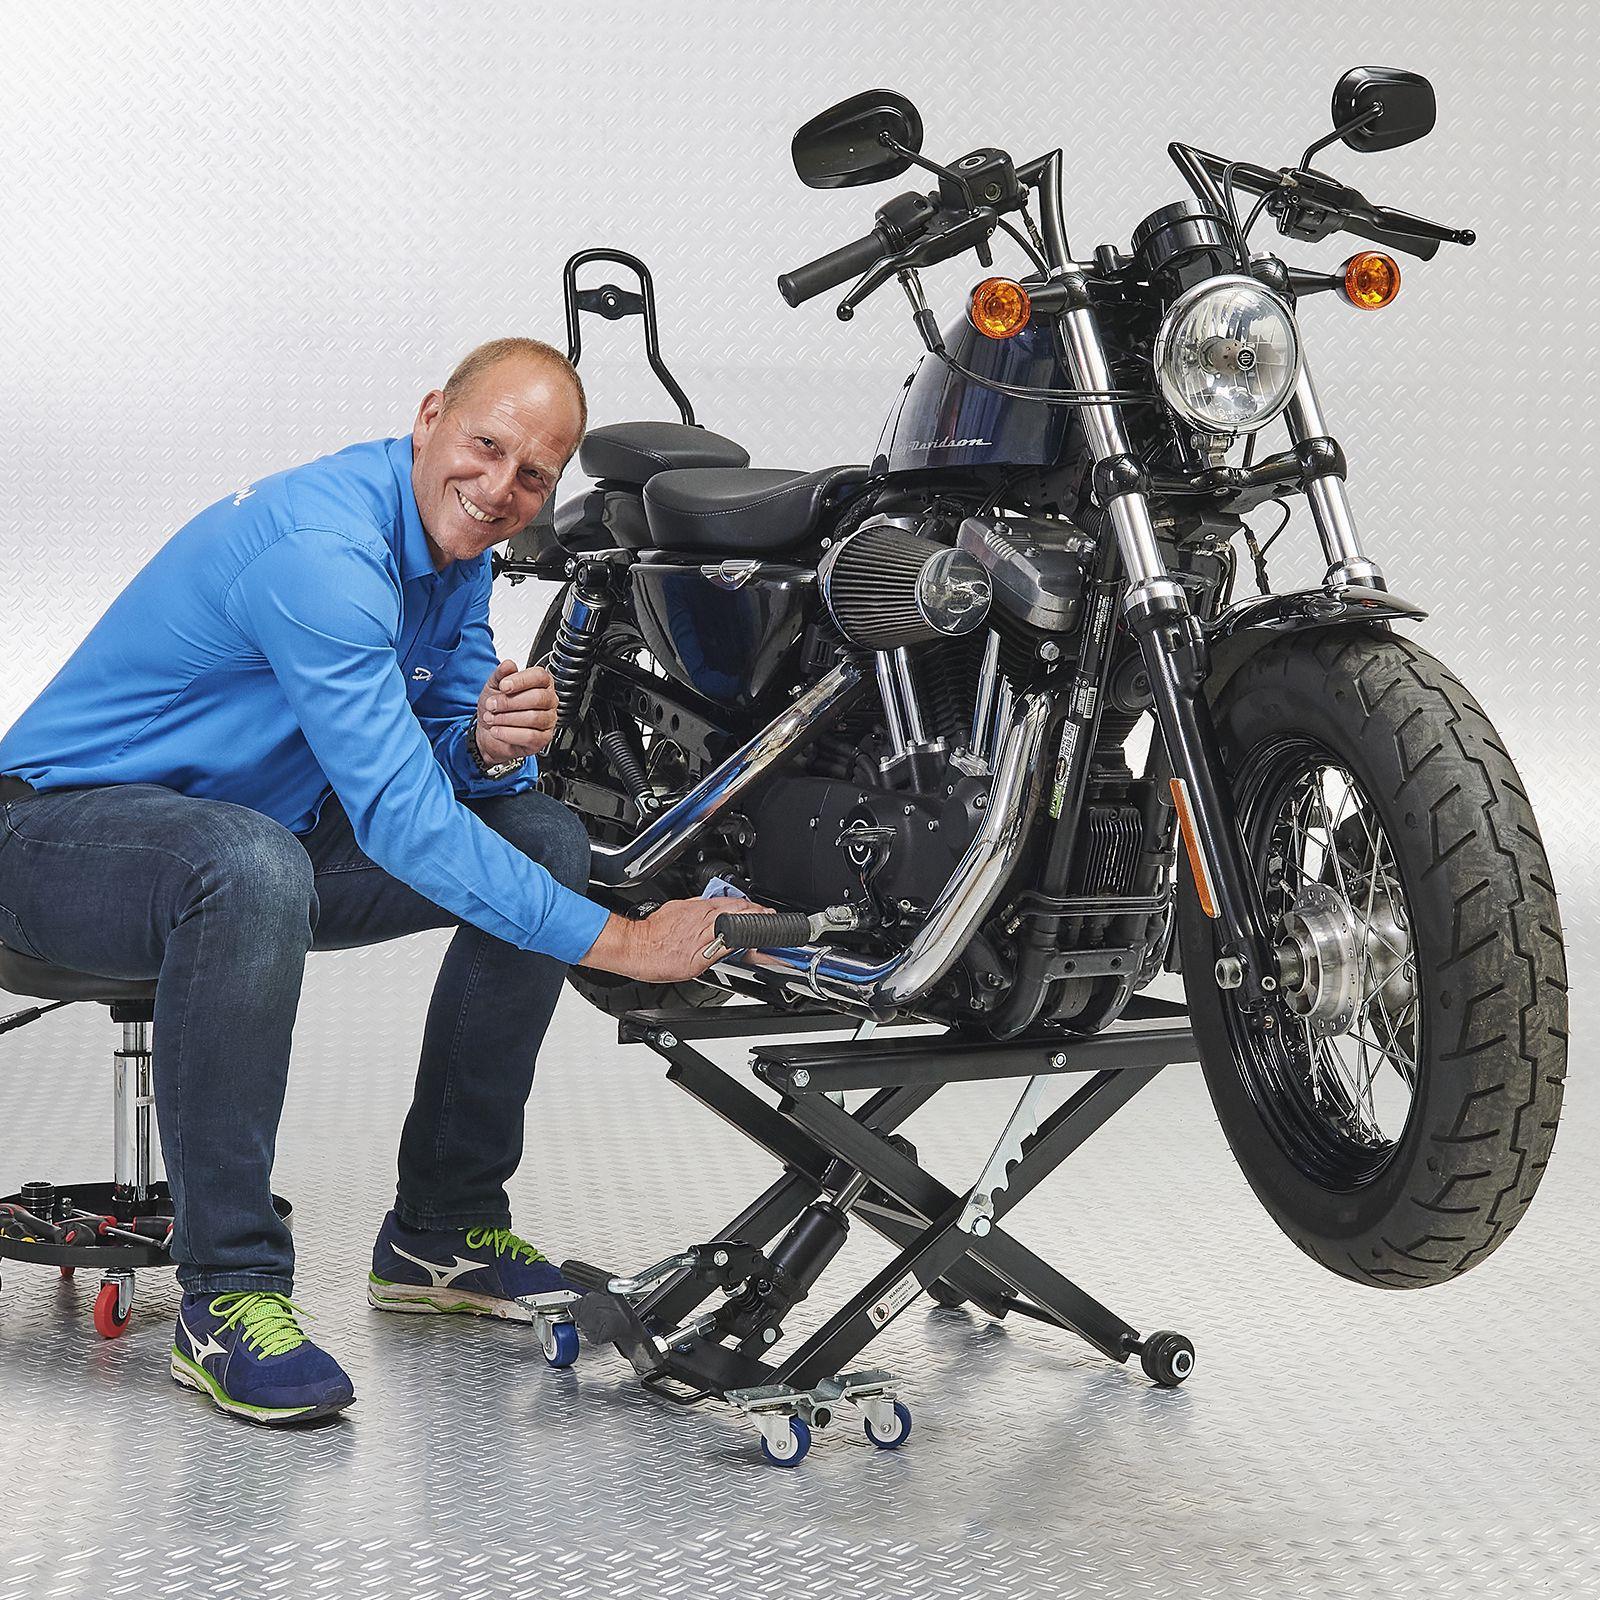 Motorlift harley met poetskruk op traanplaats